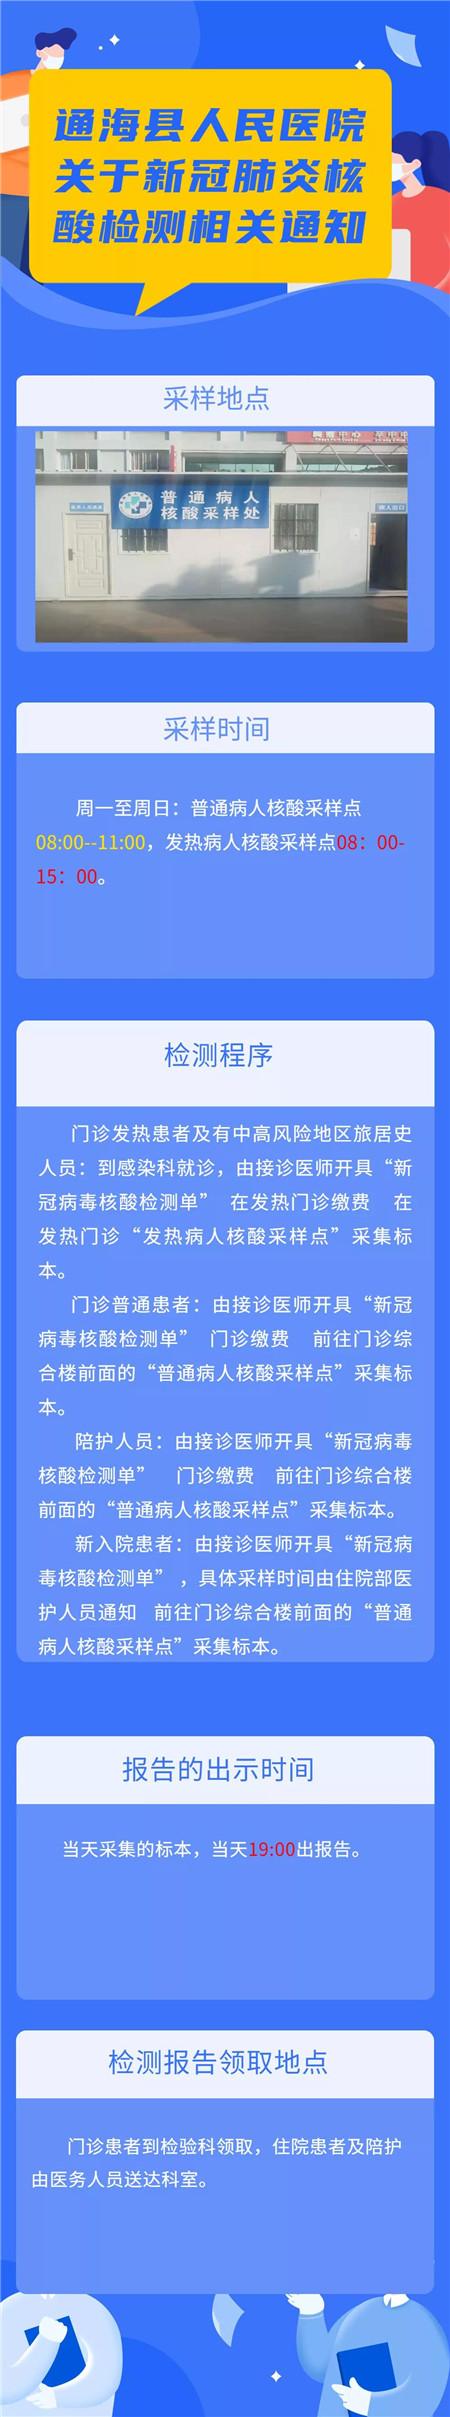 玉溪市通海县首批新冠疫苗已开始接种3.jpg